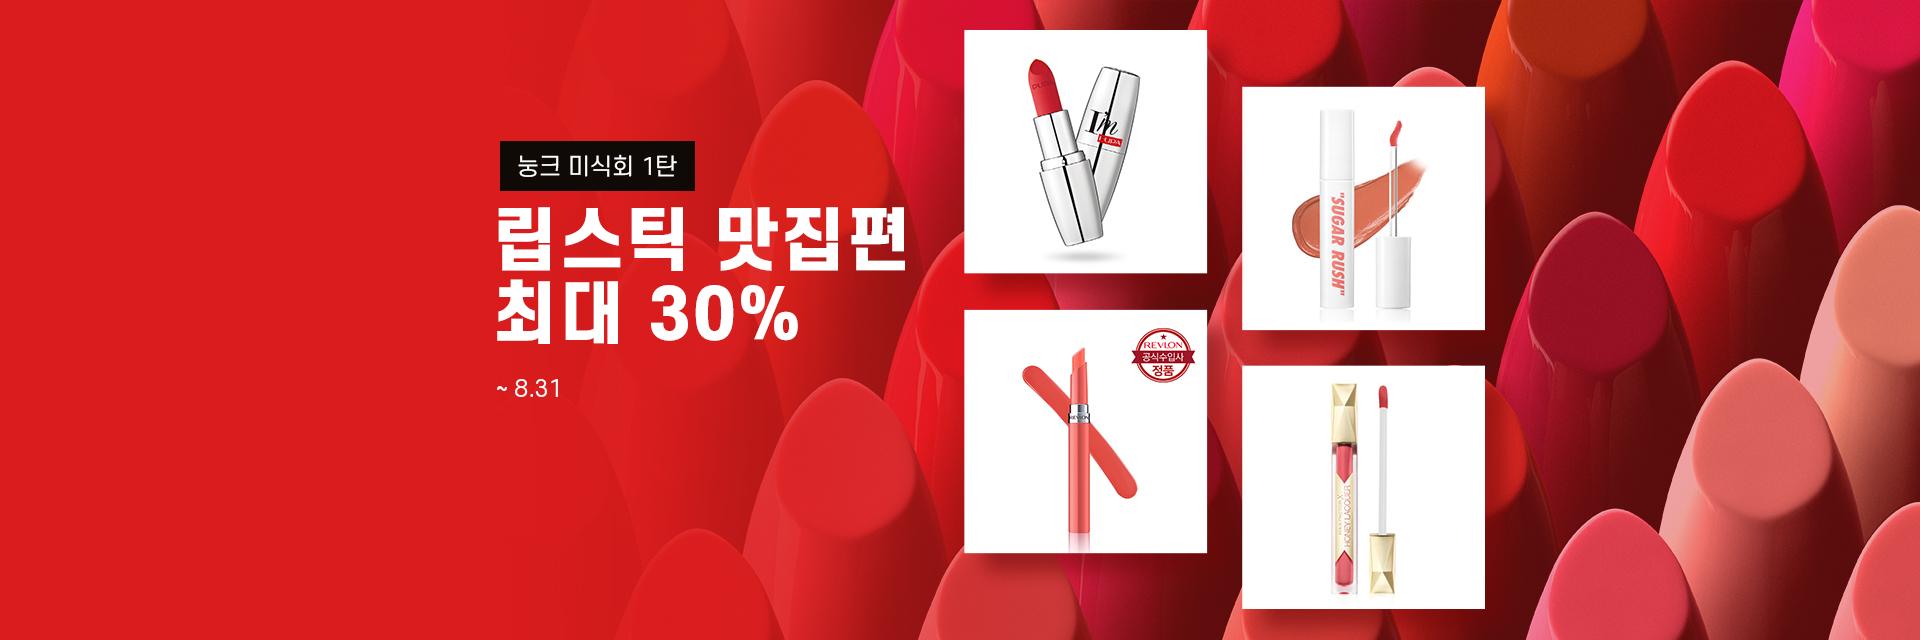 립스틱 맛집 최대 30%